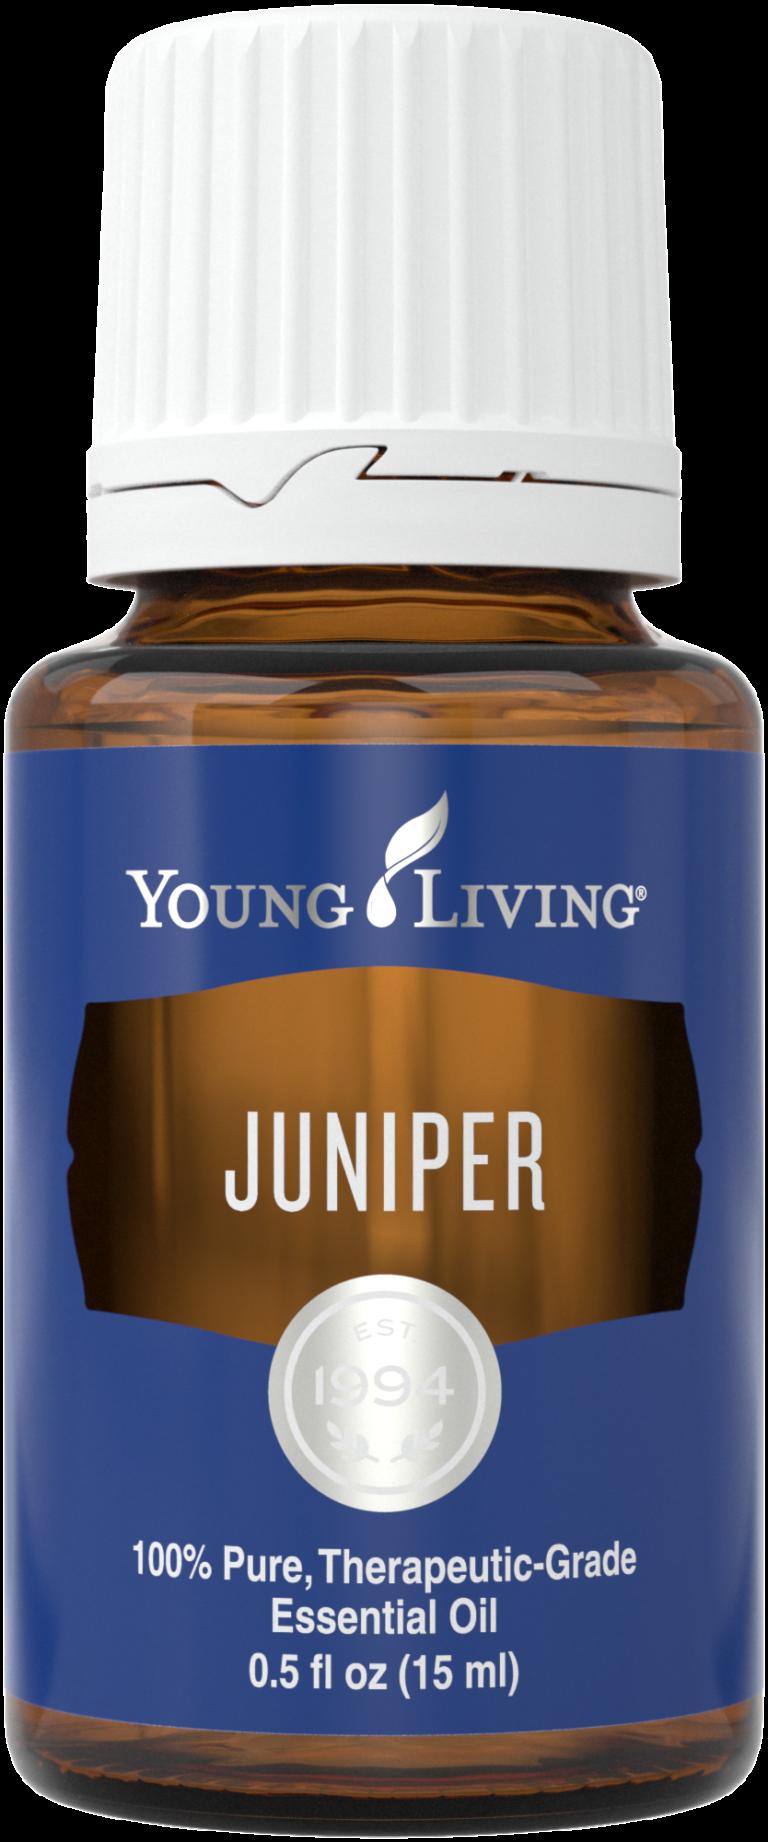 juniper_15ml_silo_us_2016_24159554029_o